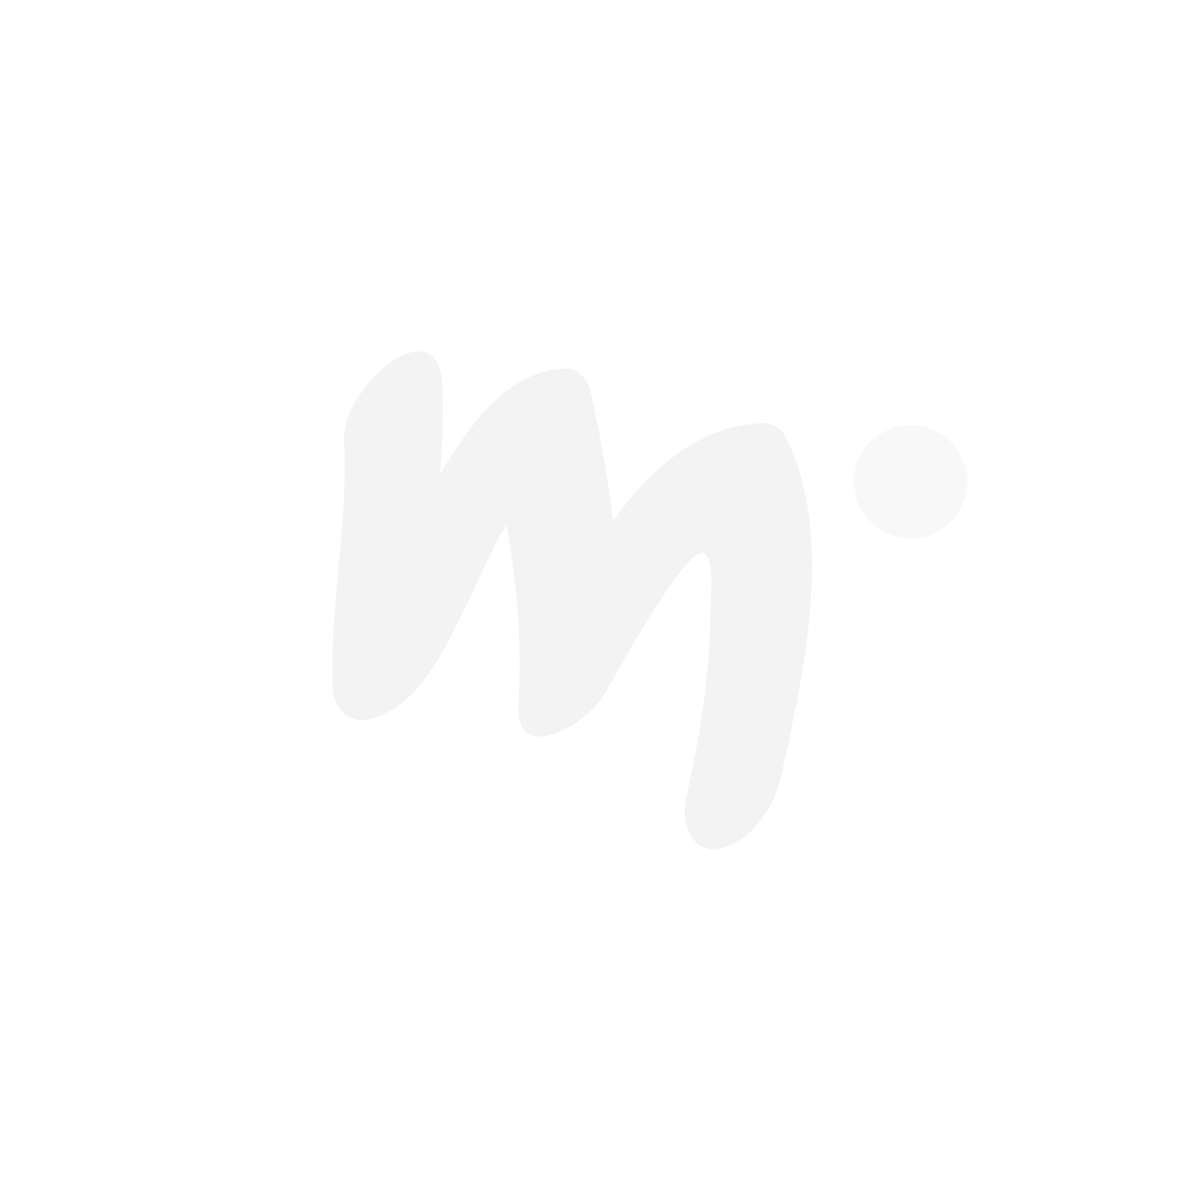 Muumi Haisuli-sukat 2 kpl valkoinen